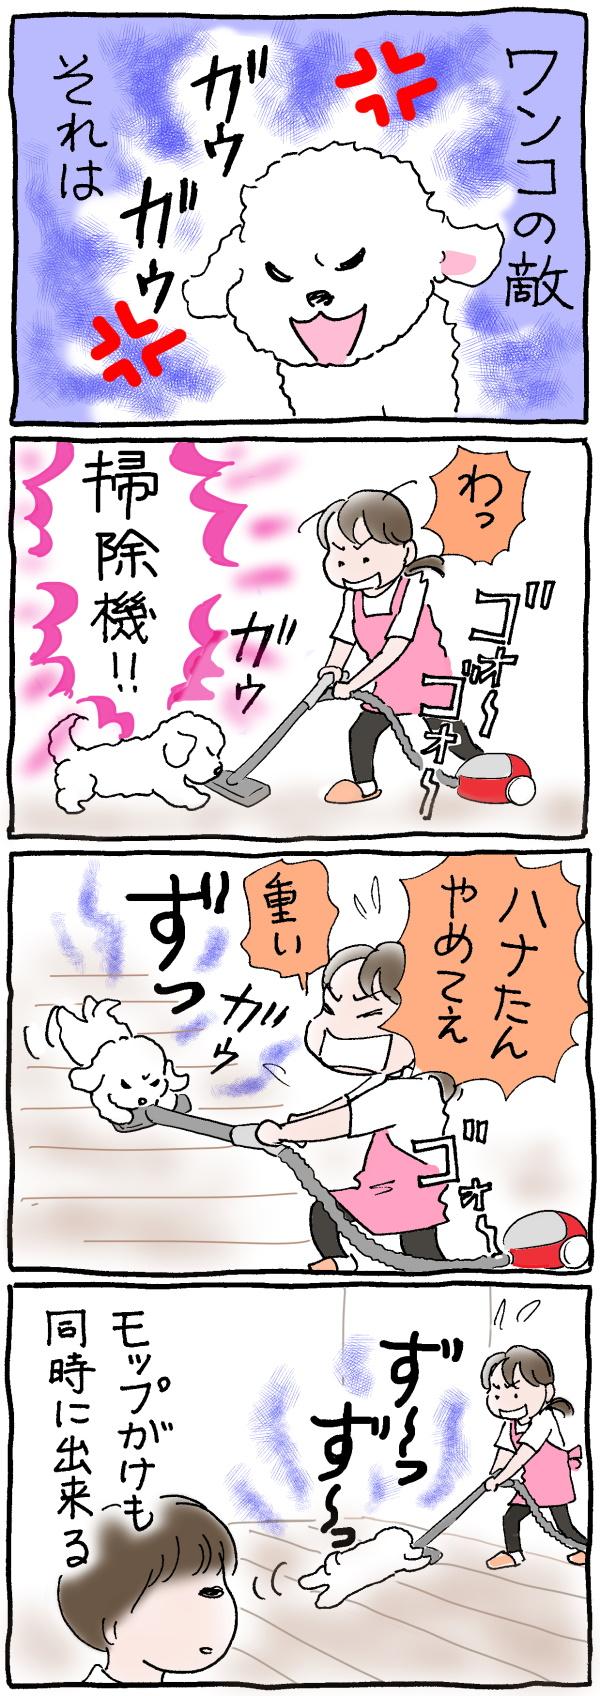 ハナちゃんと掃除機